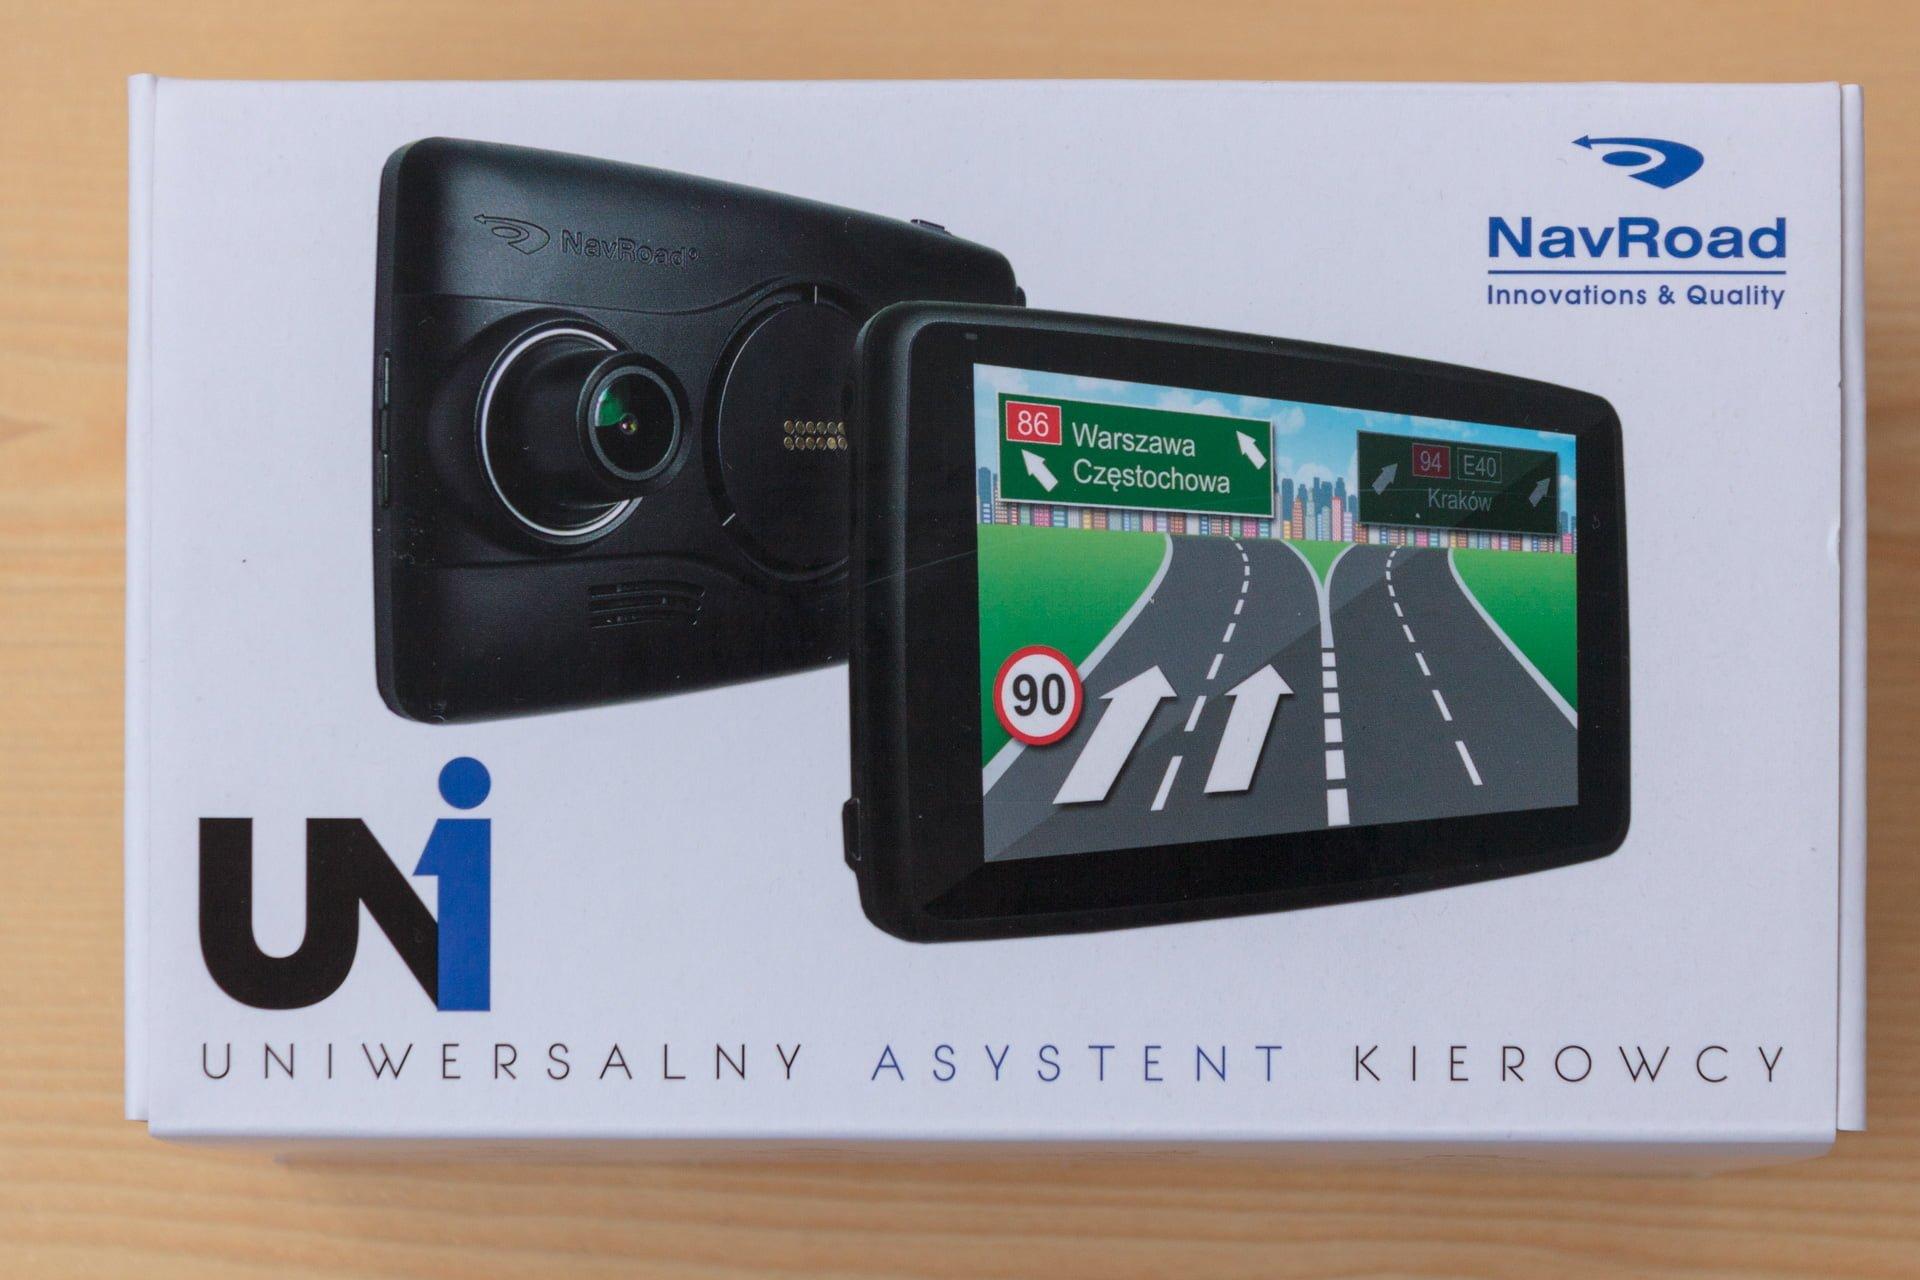 Recenzja NavRoad UNI, czyli co się stanie, gdy nawigacja spotka smartfona i kamerę 22